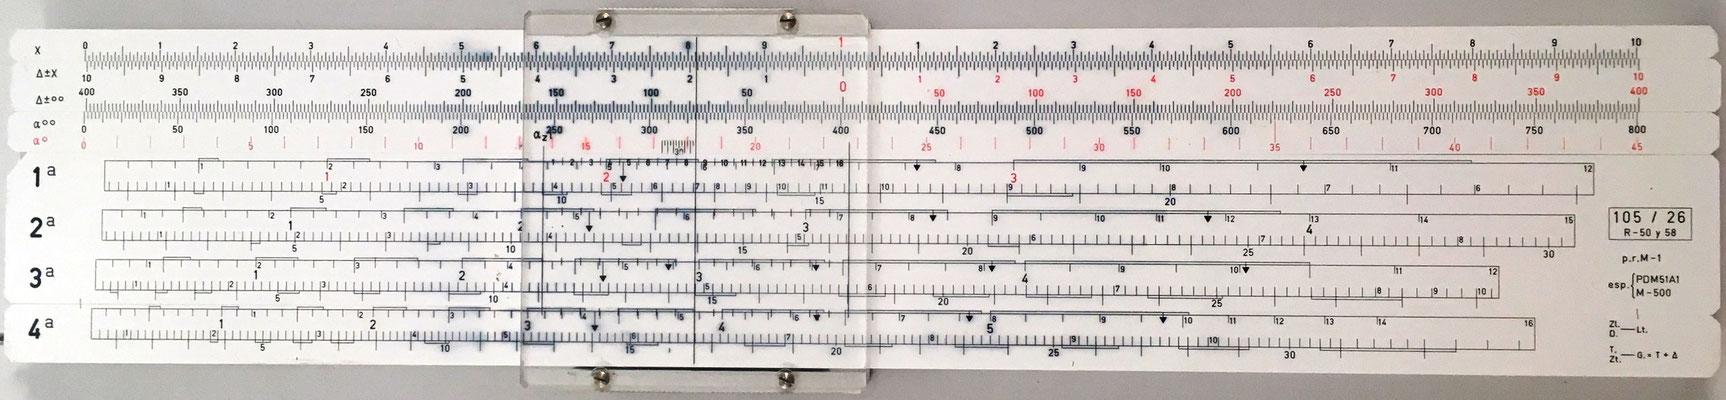 Regla de artillería ARISTO 90119, sistema RIVERA (escalas 1ª, 2ª, 3ª), año 1970, 33x7.5 cm